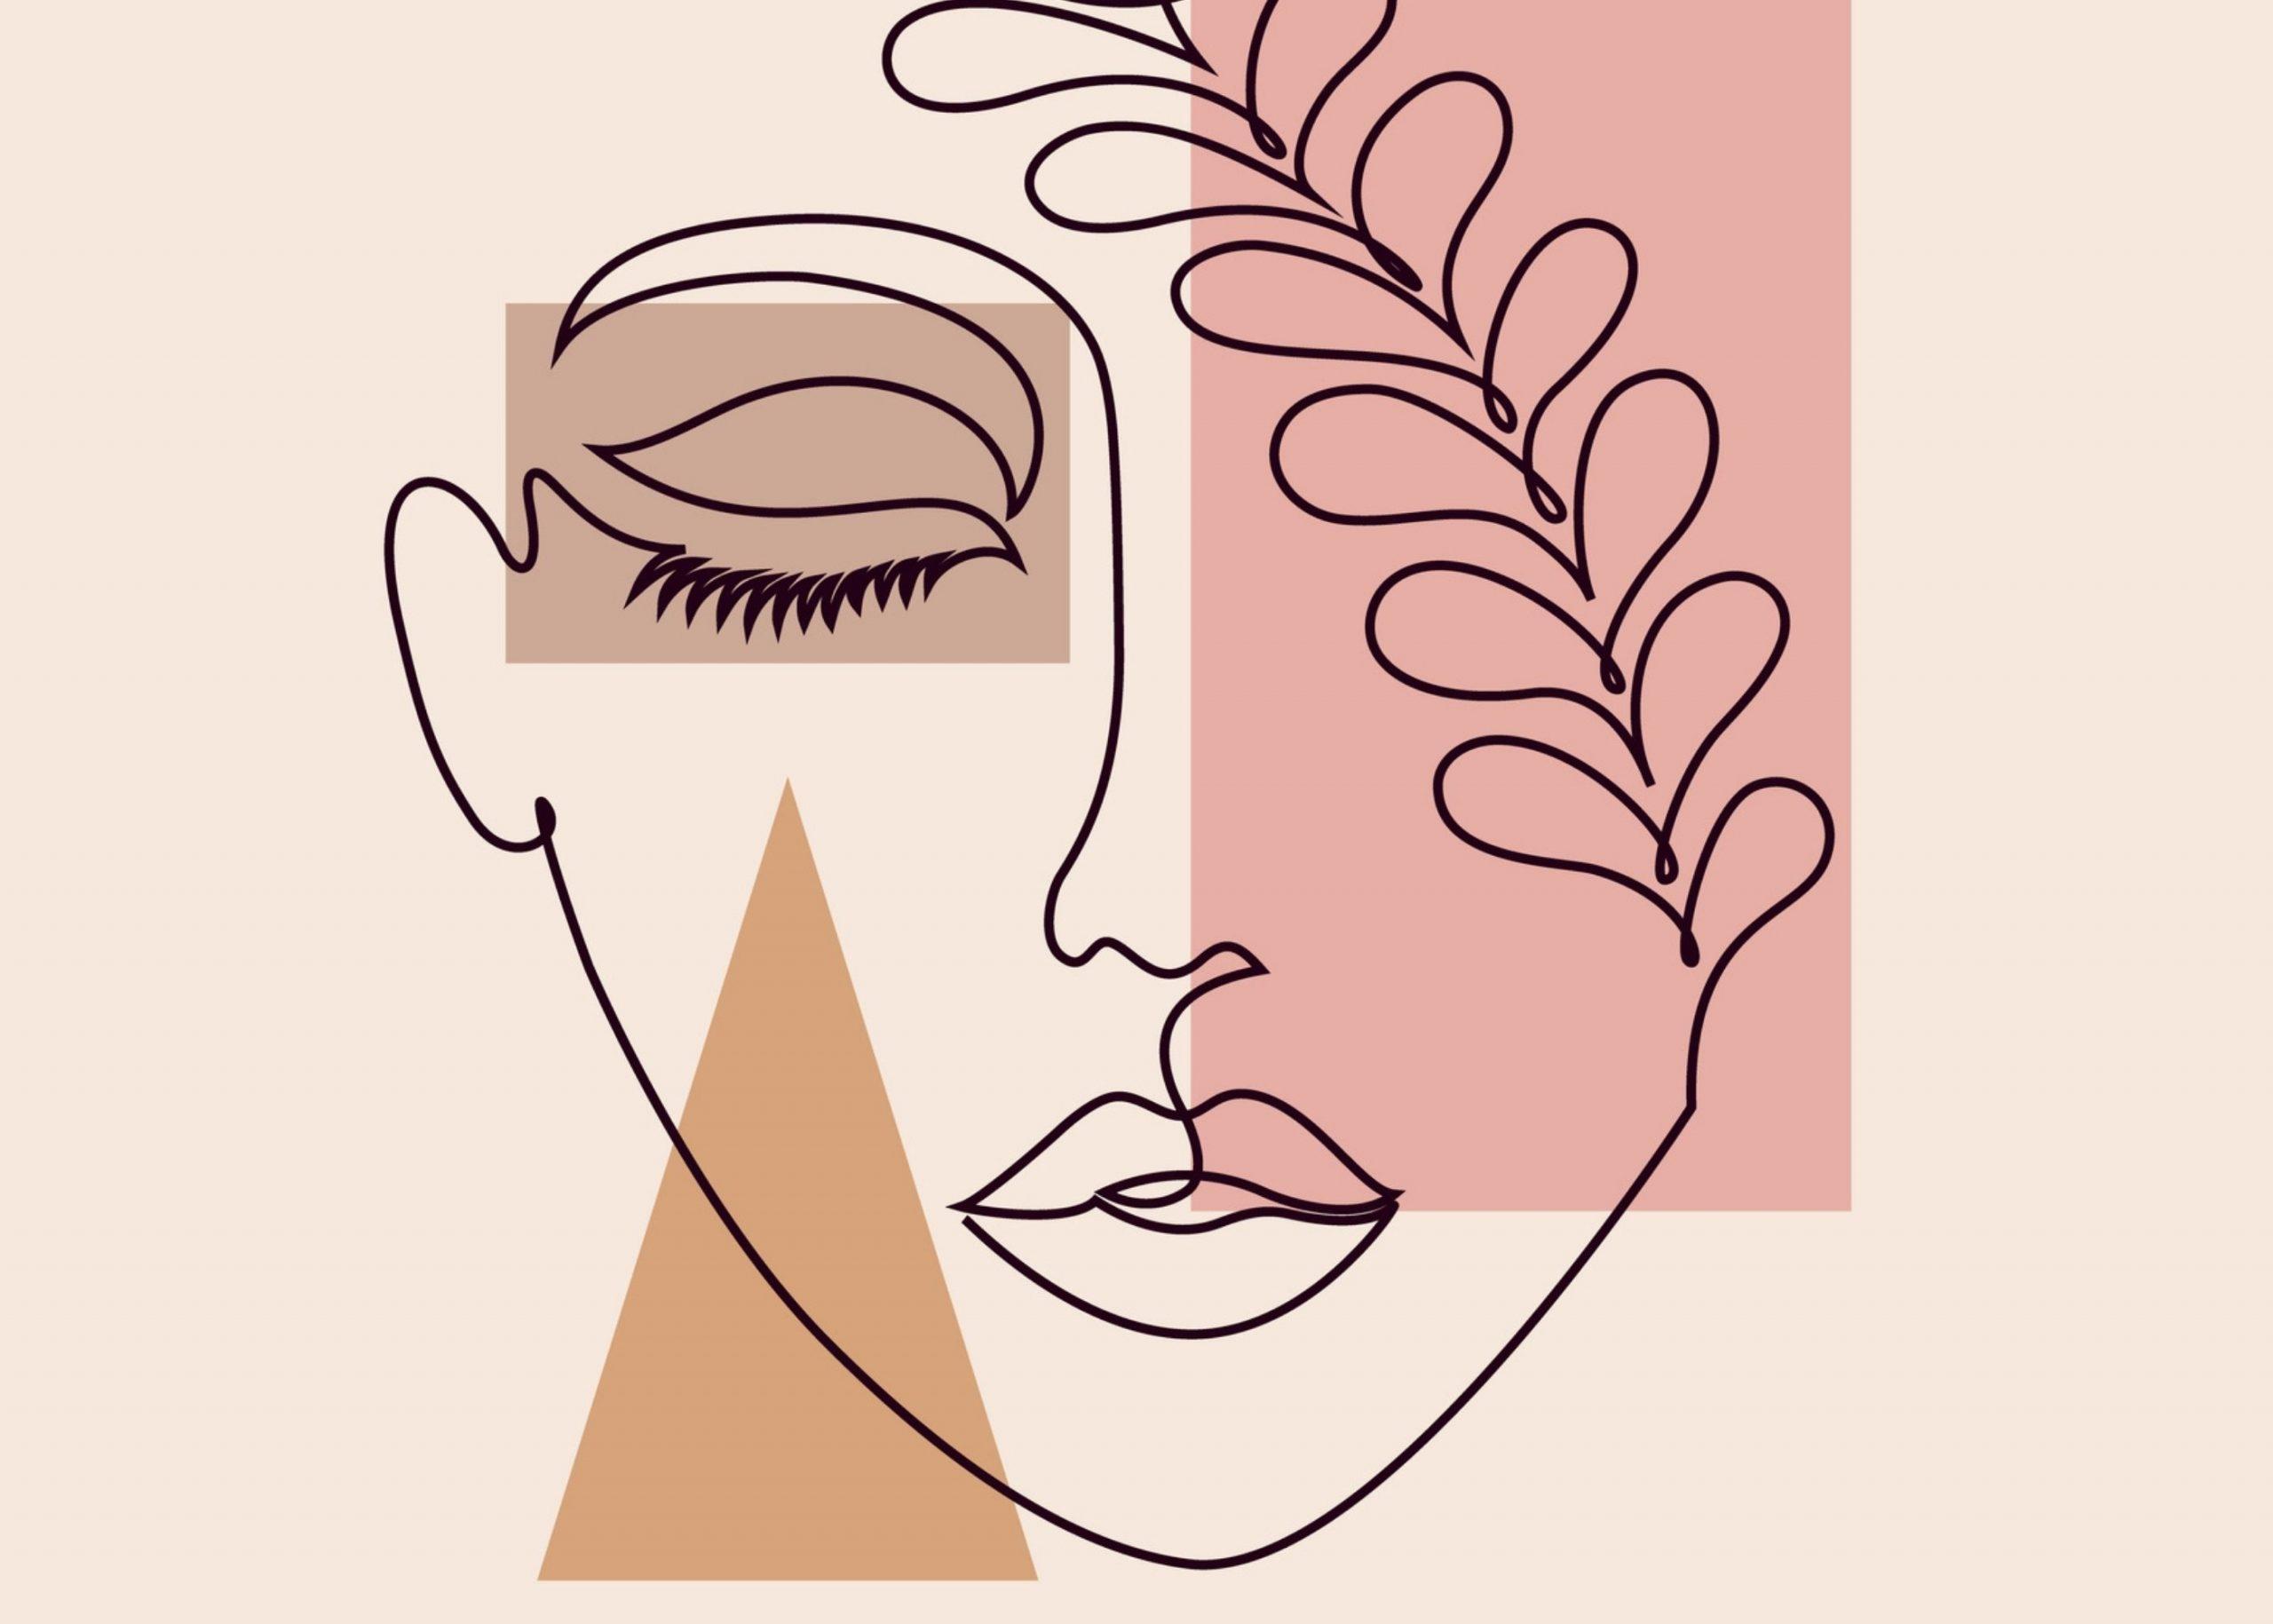 holistička klasifikacija tipova kože